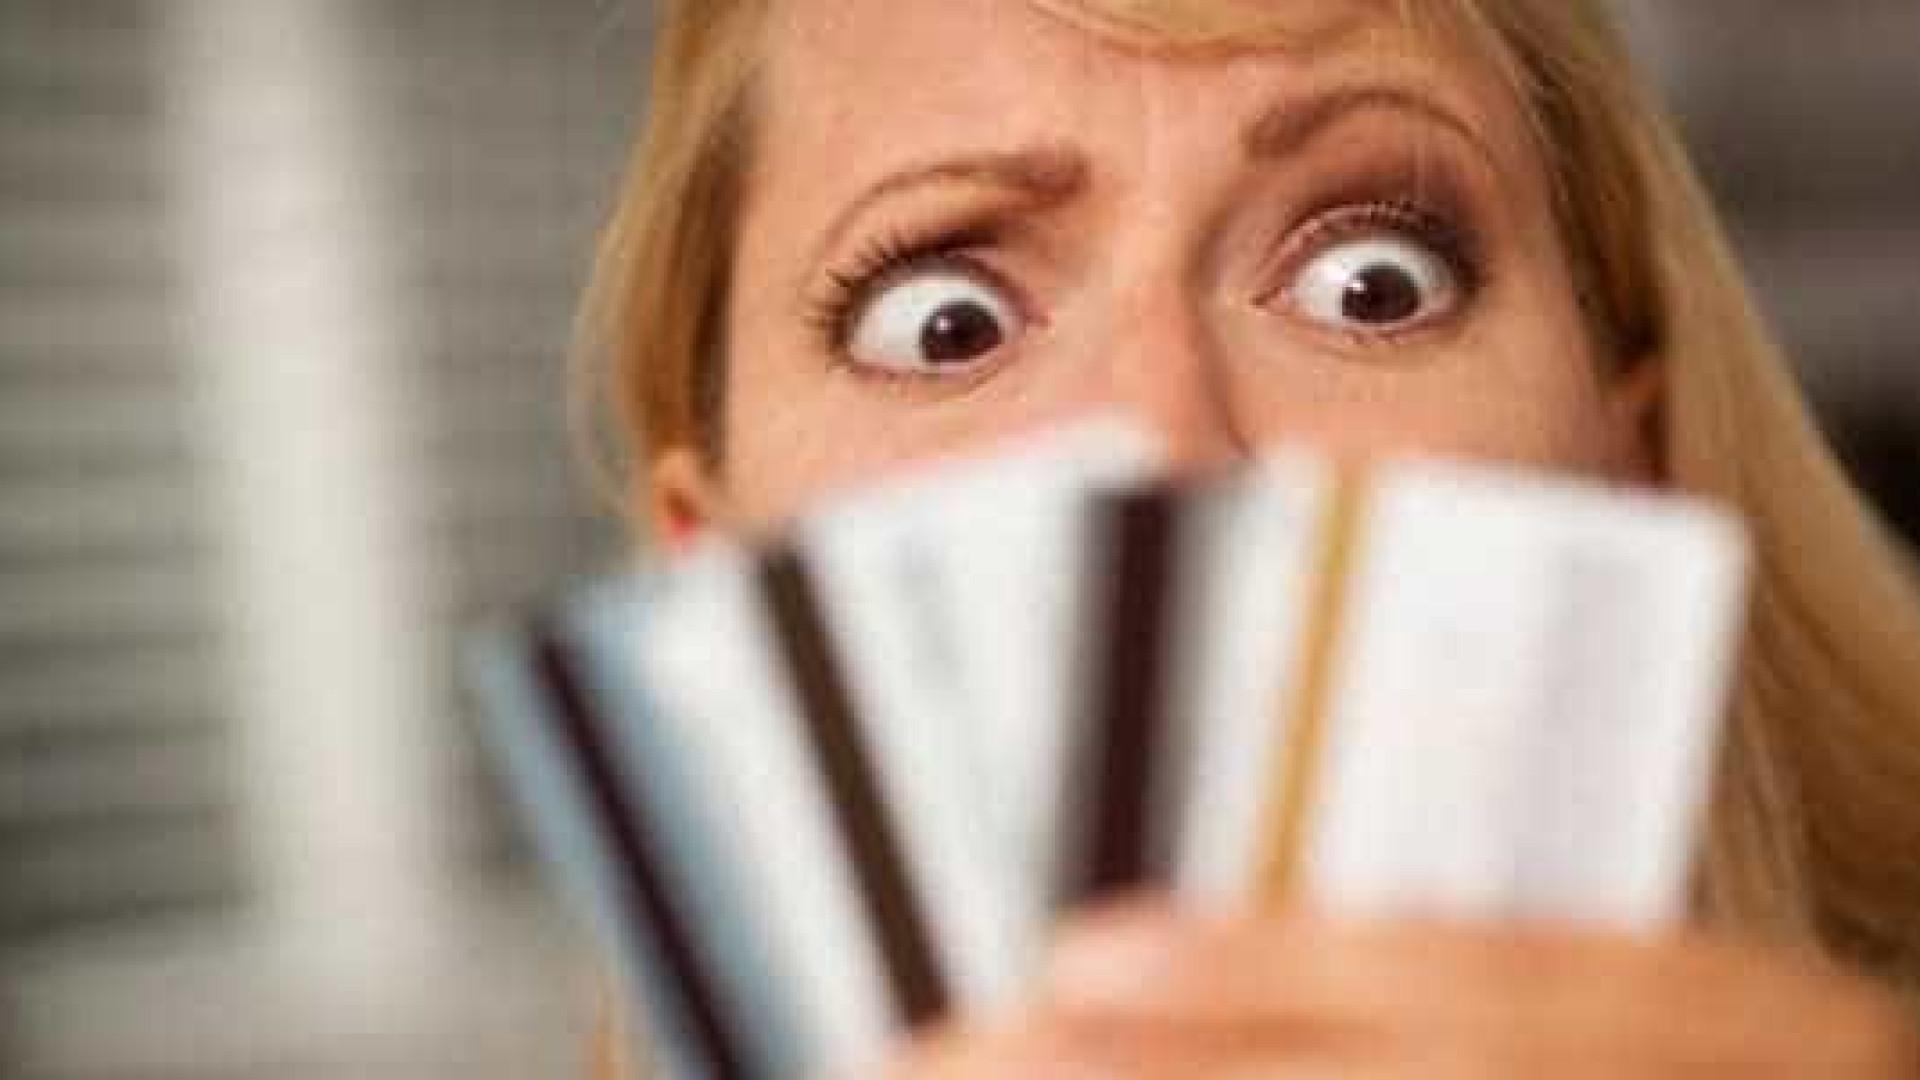 Compra parcelada pode deixar orçamento fora de controle